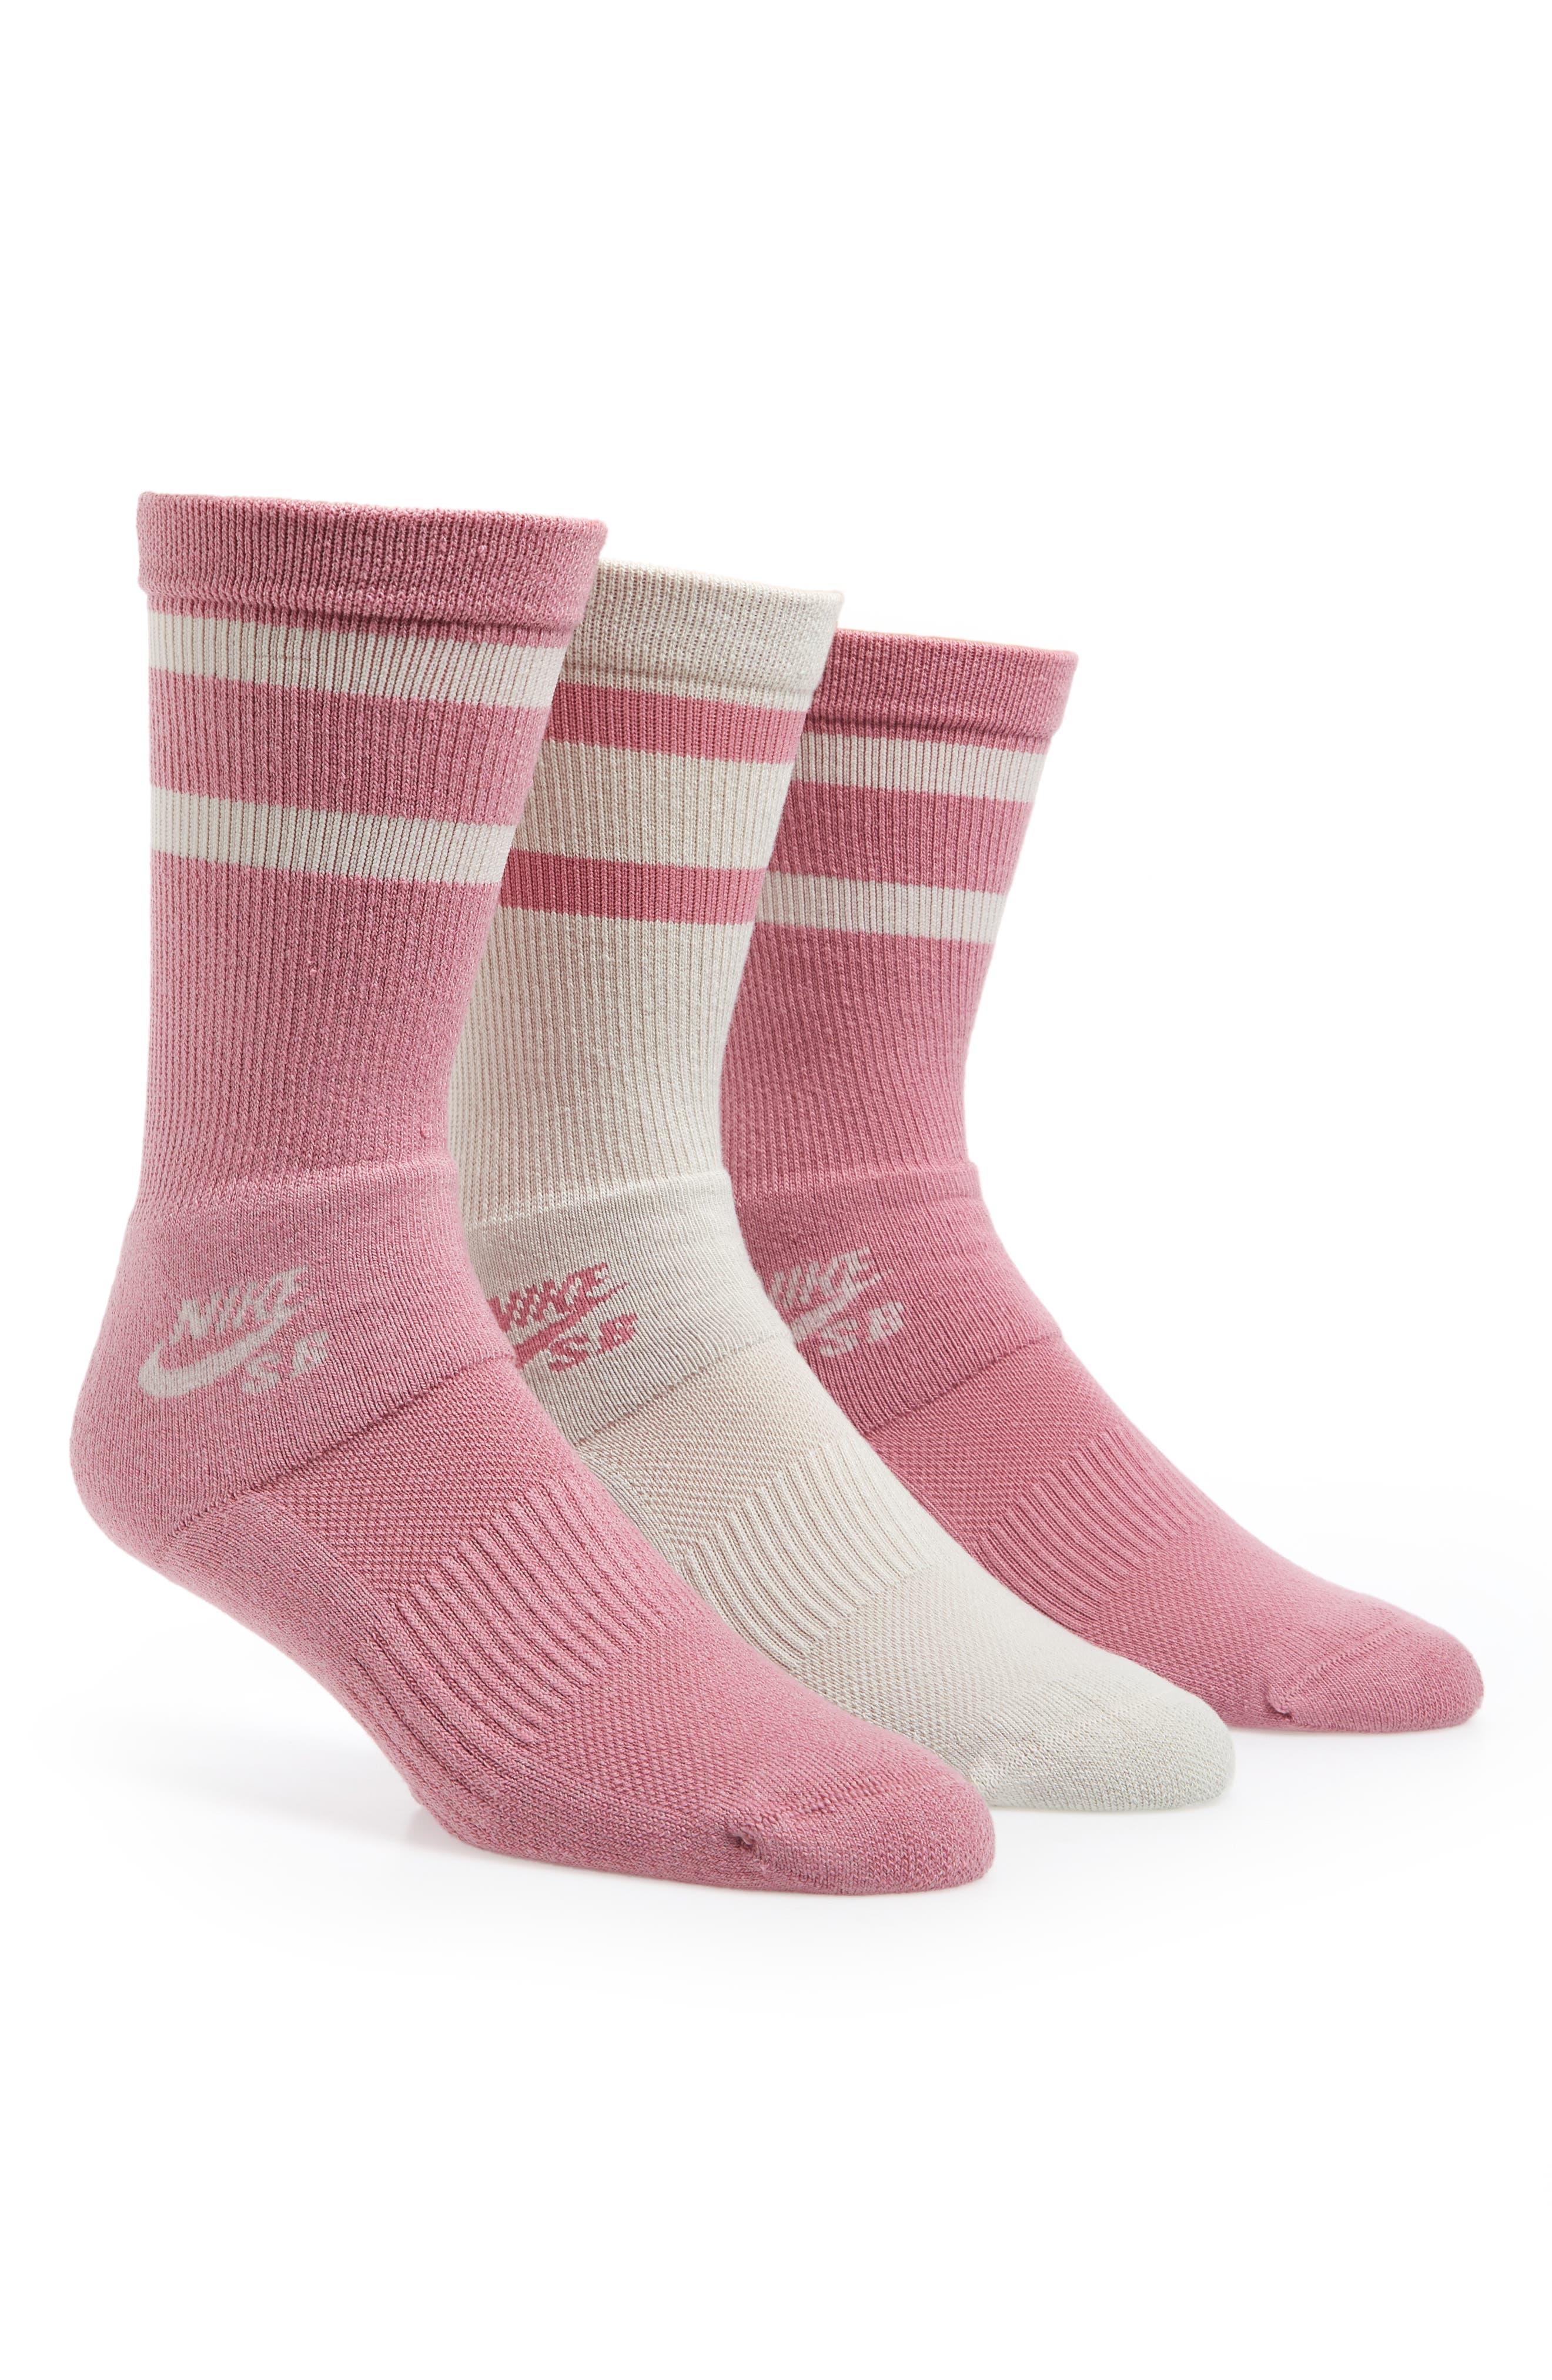 SB 3-Pack Crew Socks,                         Main,                         color, Pink